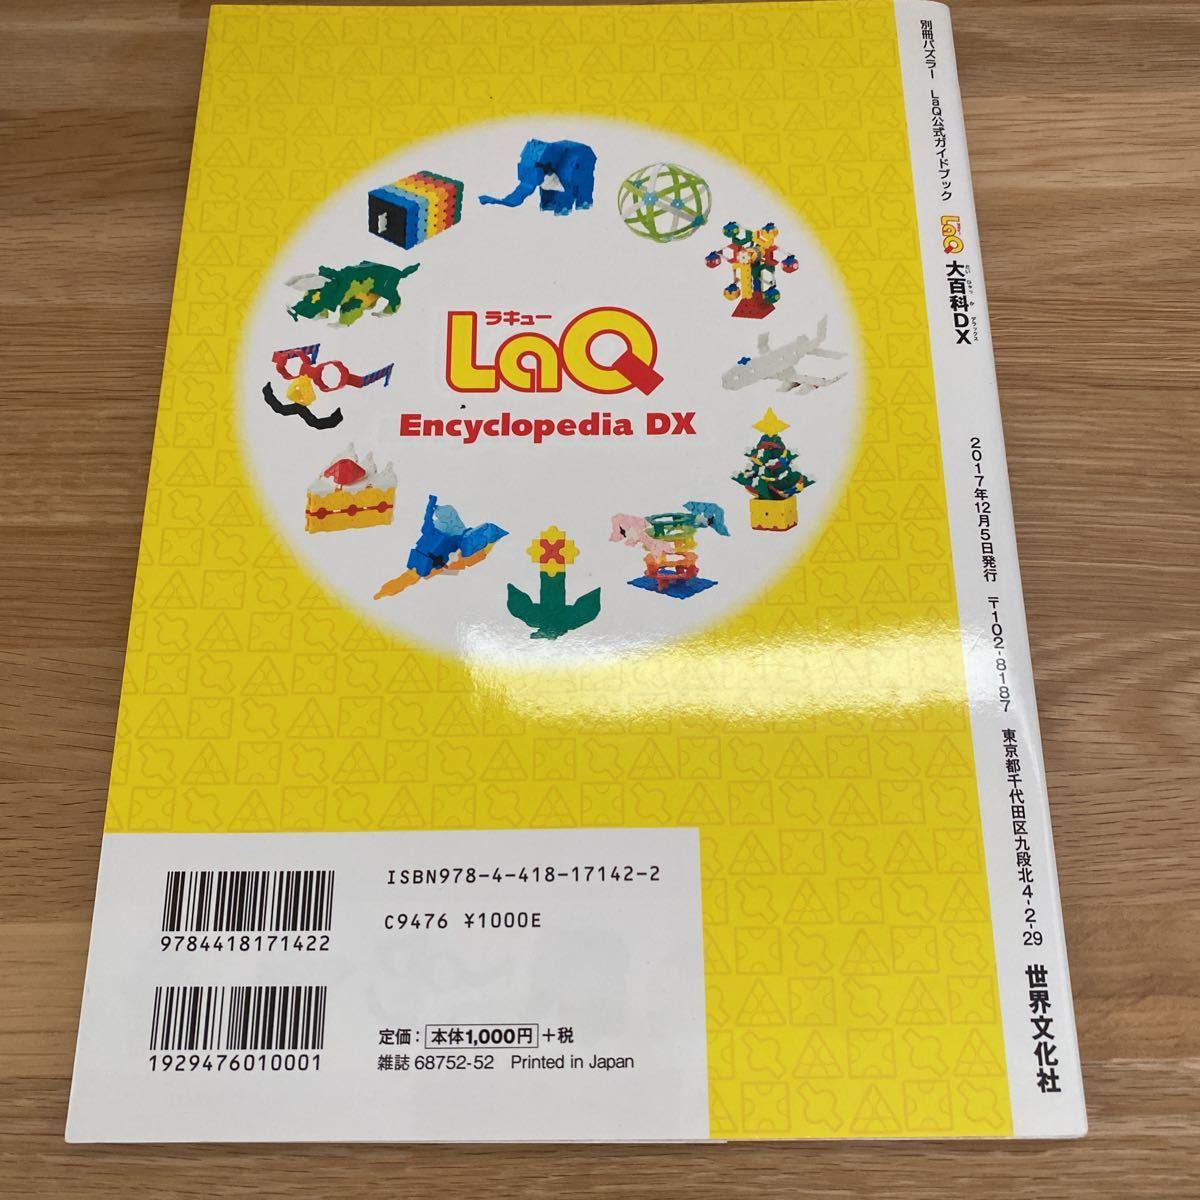 中古◇LaQ大百科 設計図 ラキュー ヨシリツ LaQ 本 ガイドブック 作り方の本説明書_画像2